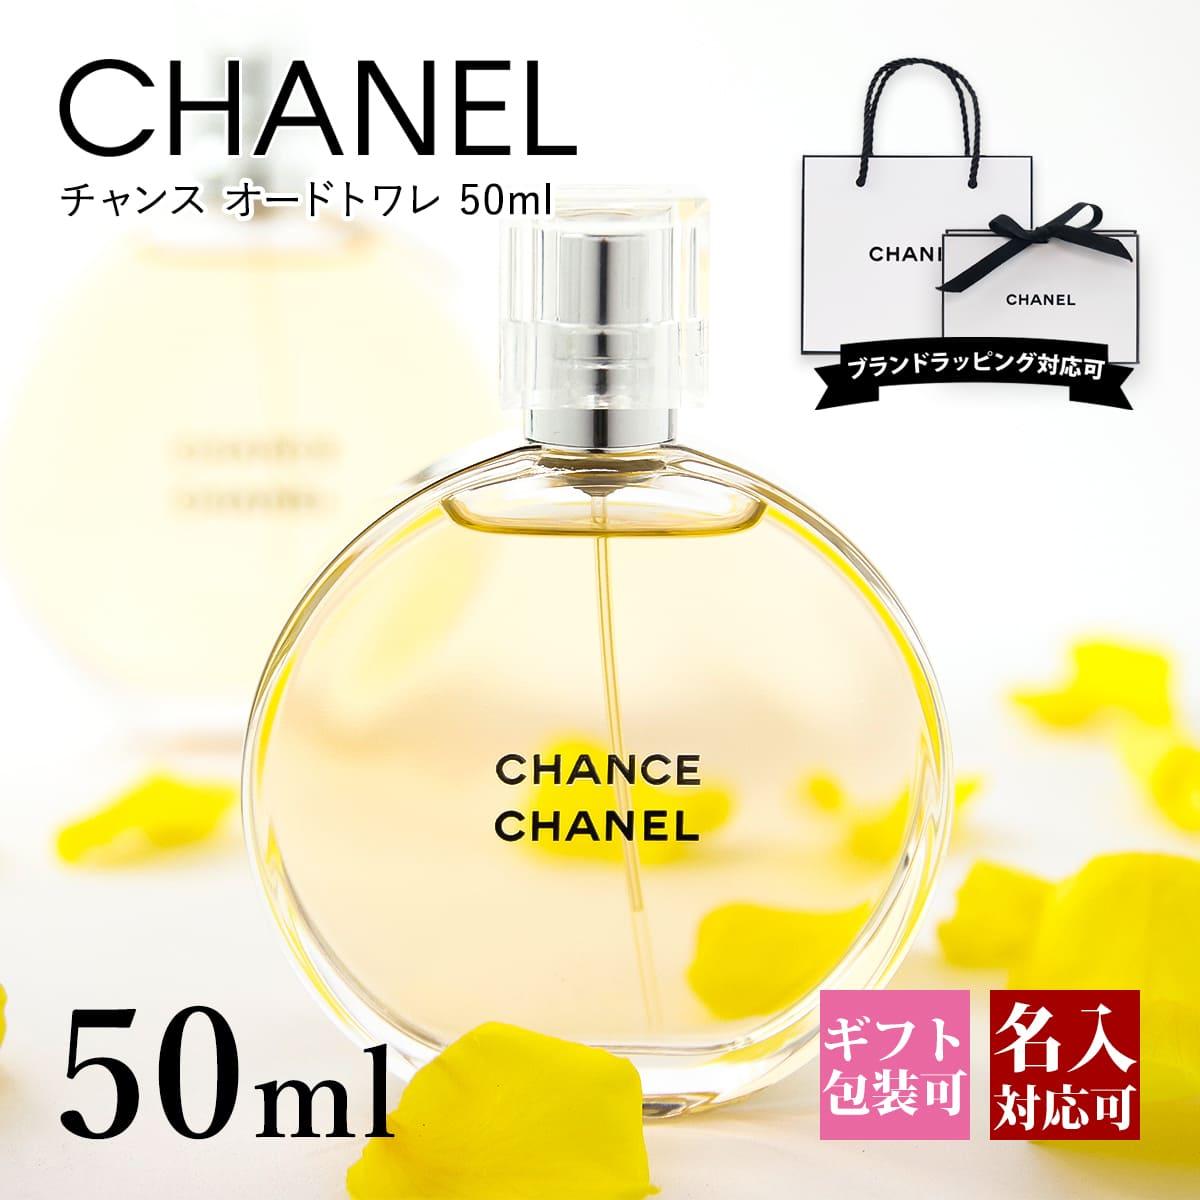 【即納】あす楽対応 名入れ シャネル chanel CHANCE 香水 チャンス レディース EDT 50ml 正規品 セール 新生活 入学祝い 正規品 通販 ブランド品 ピュアな中に色気とさわやかさが混じる香り 新品 新作 2019年 ギフト